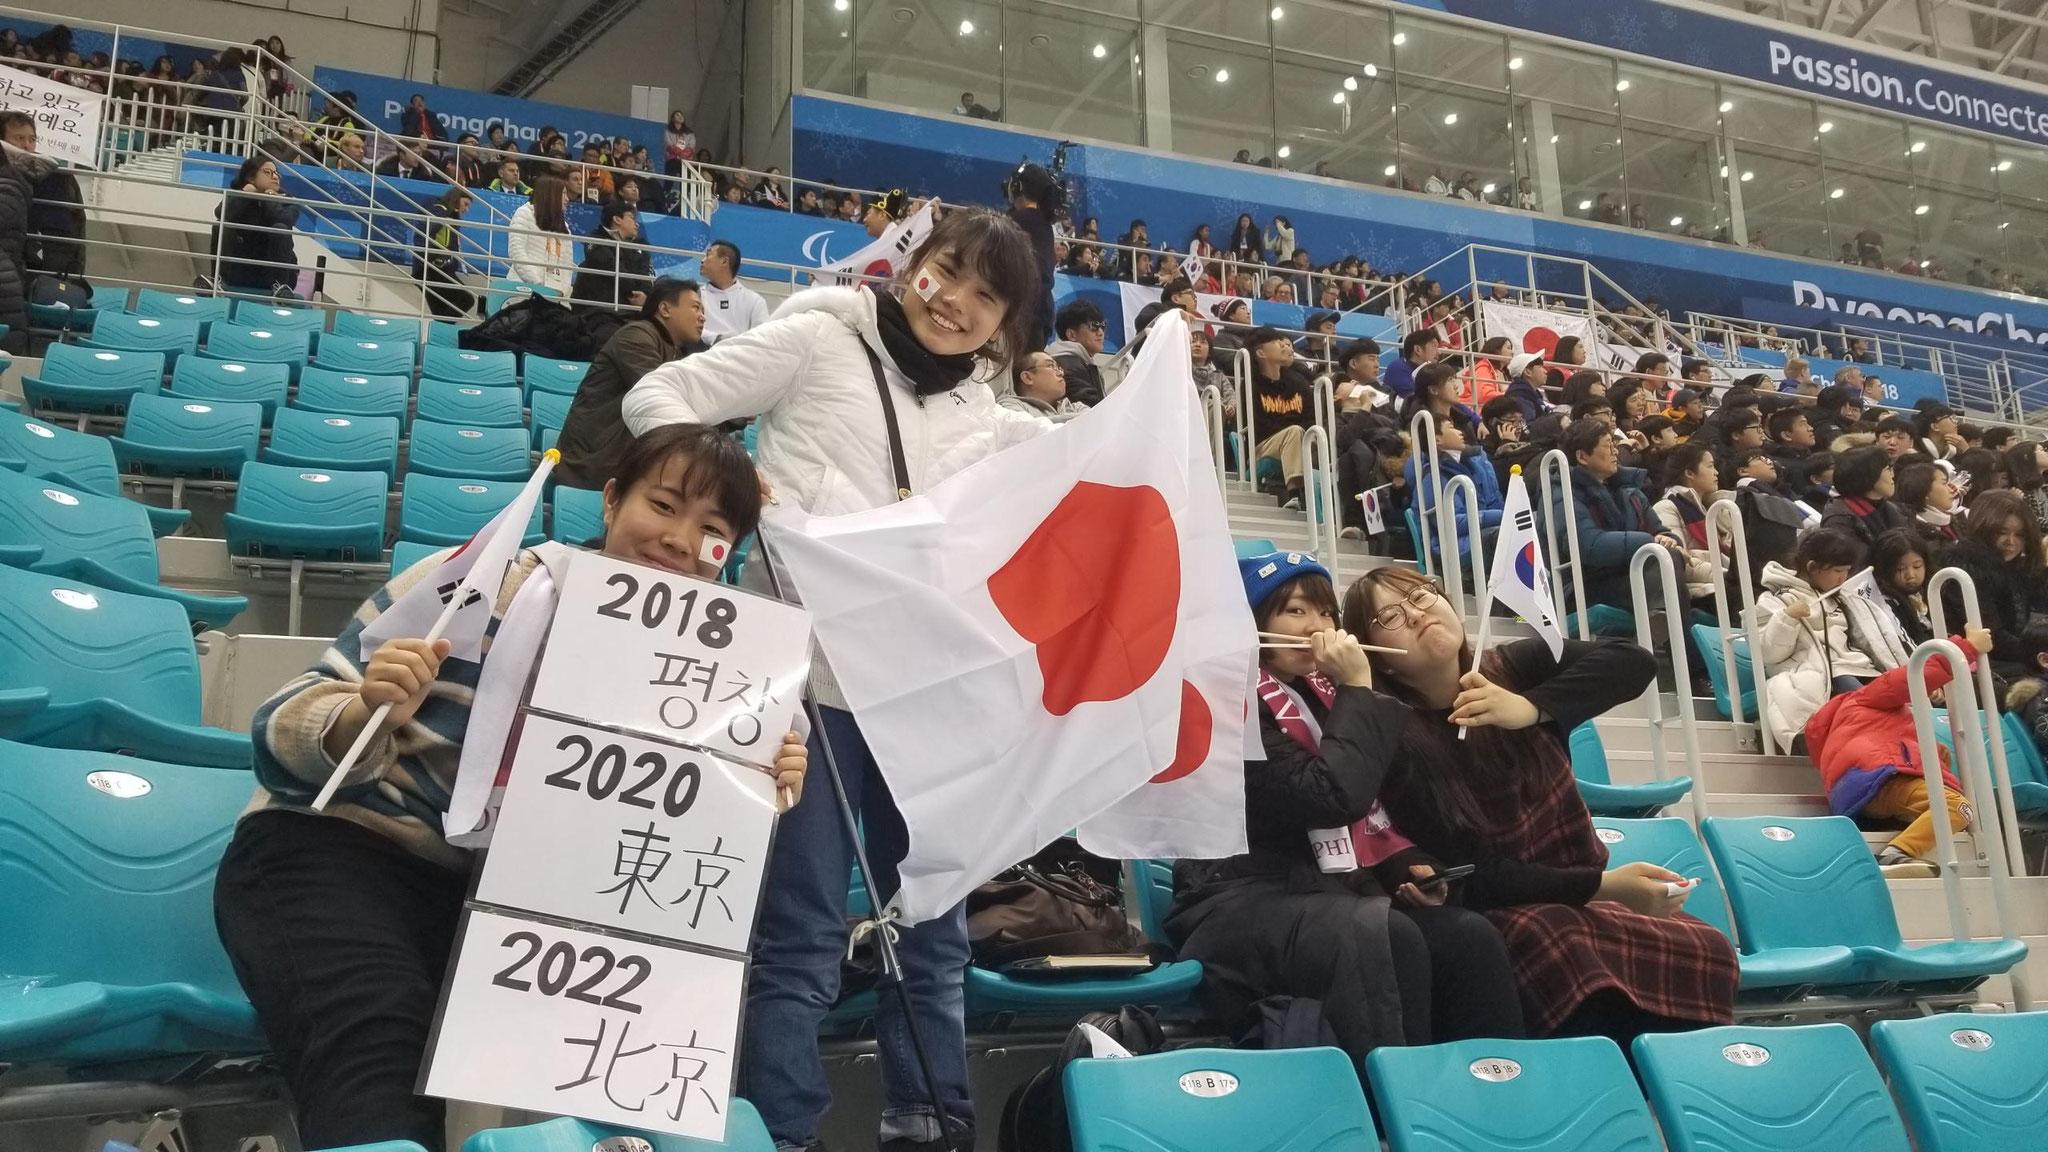 東京大会そして北京へ情熱をつないでいきます!